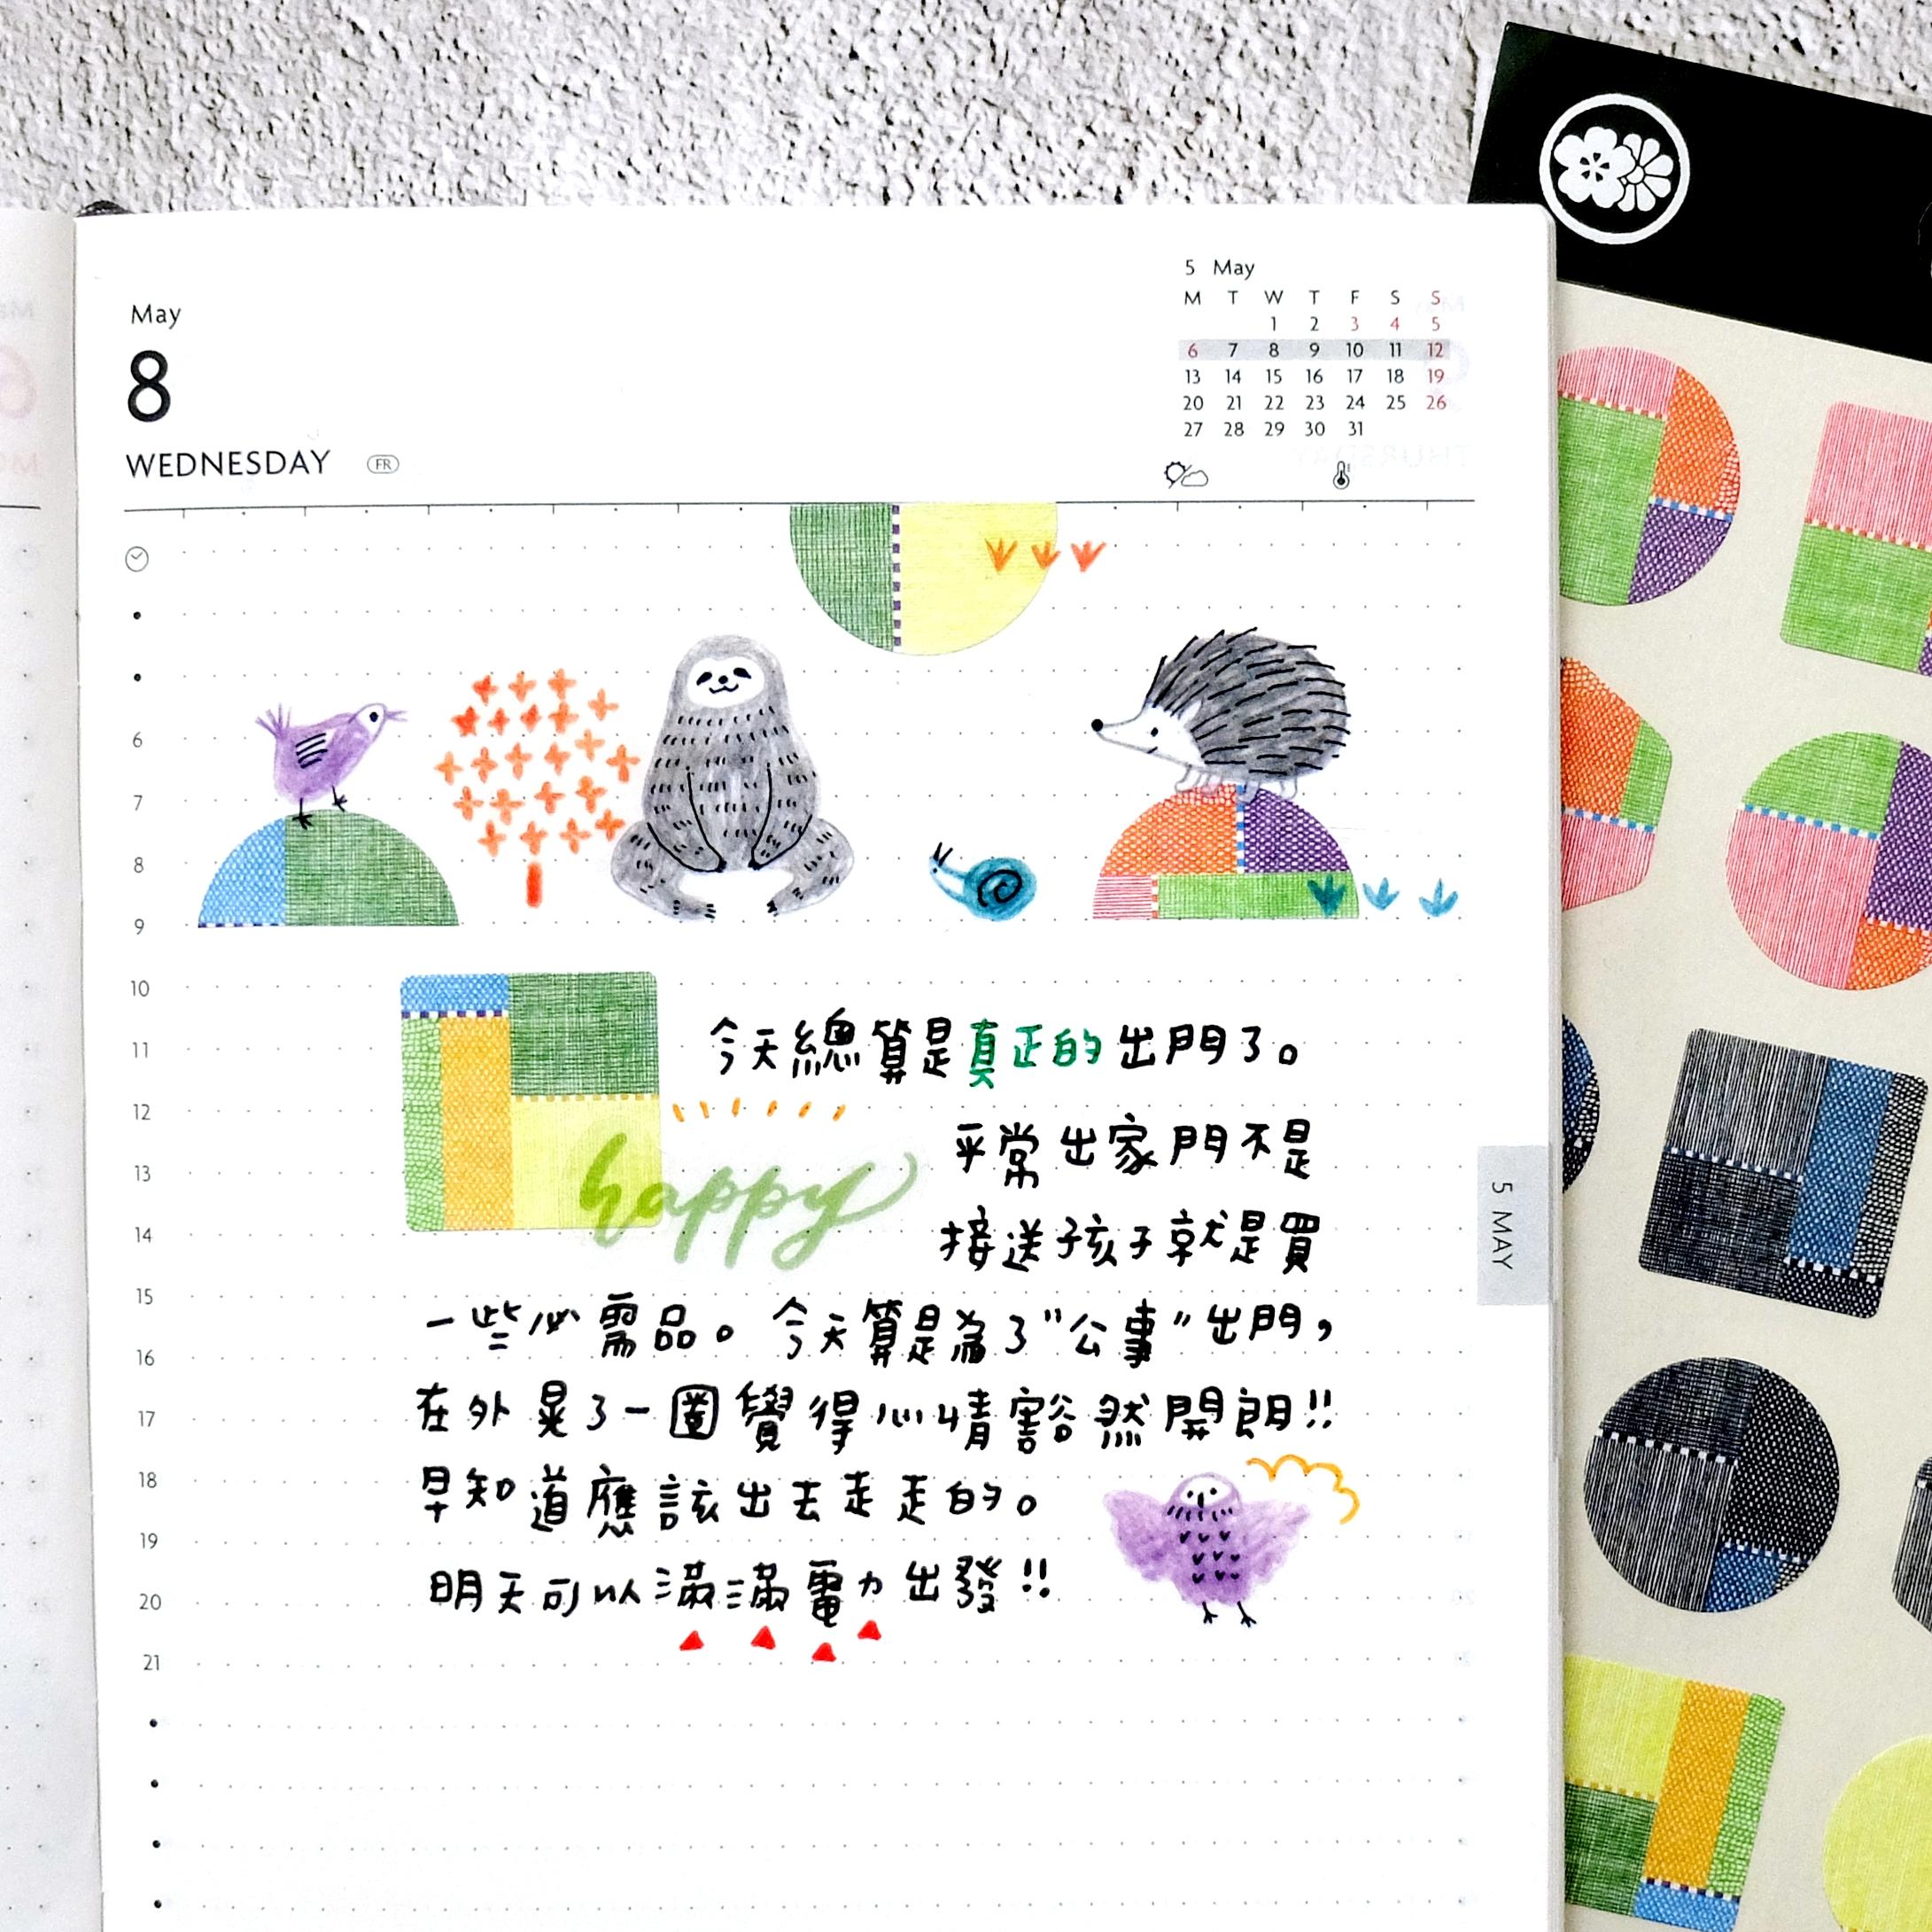 DSCF8431 copy.jpg